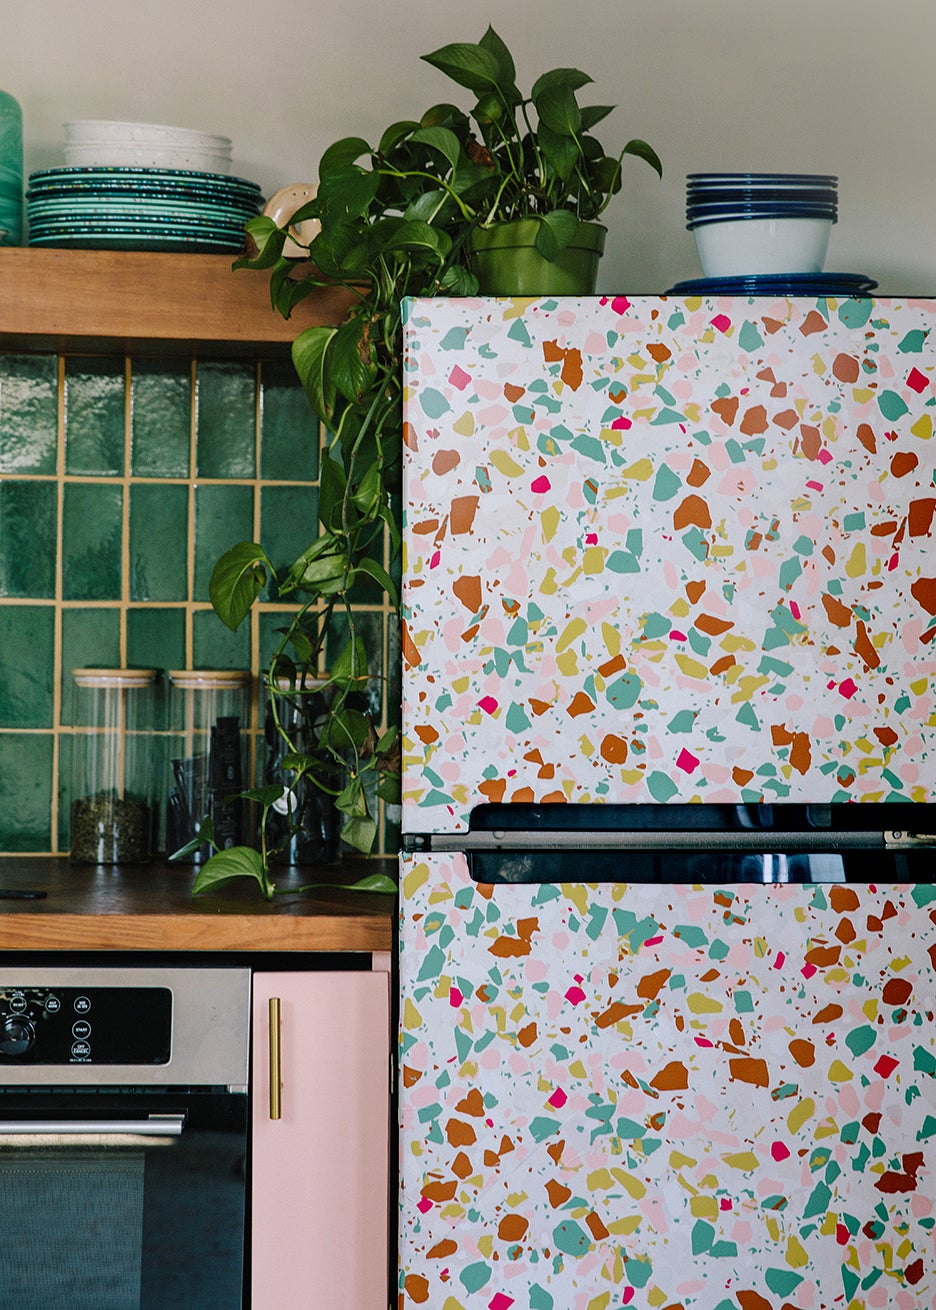 terrazzo patterned fridge